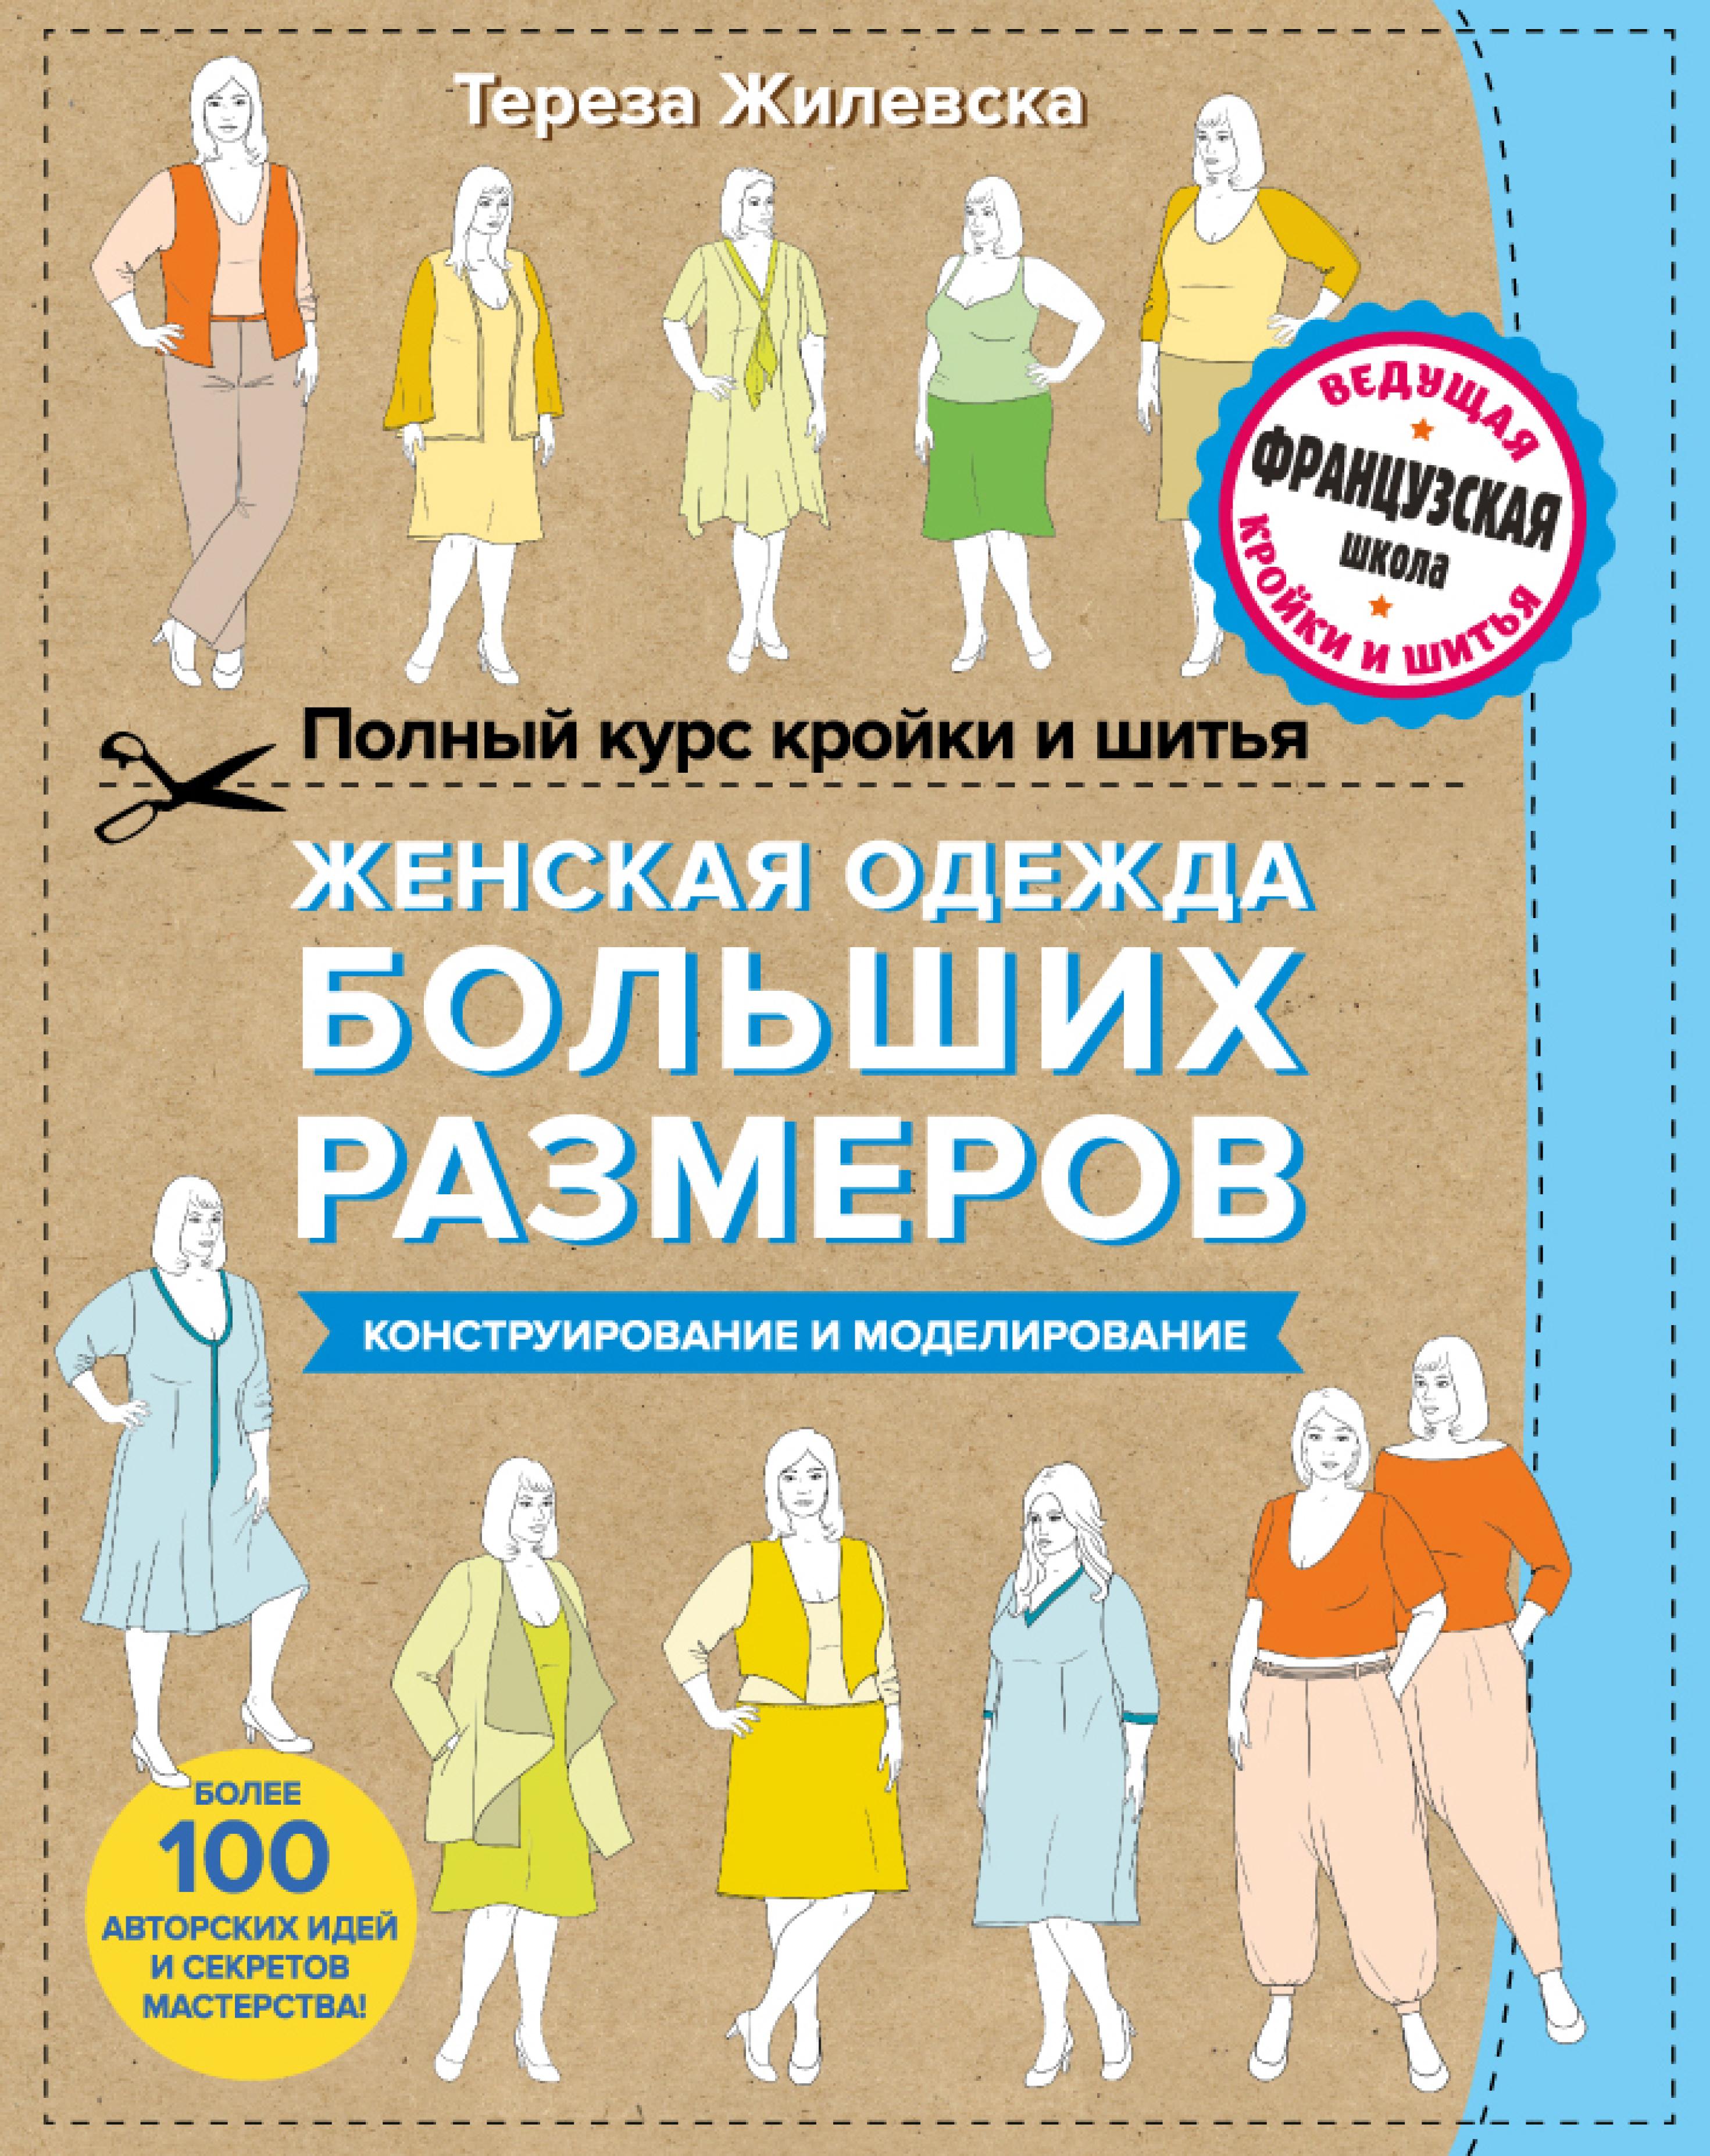 Полный курс кройки и шитья. Женская одежда больших размеров. Конструирование и моделирование